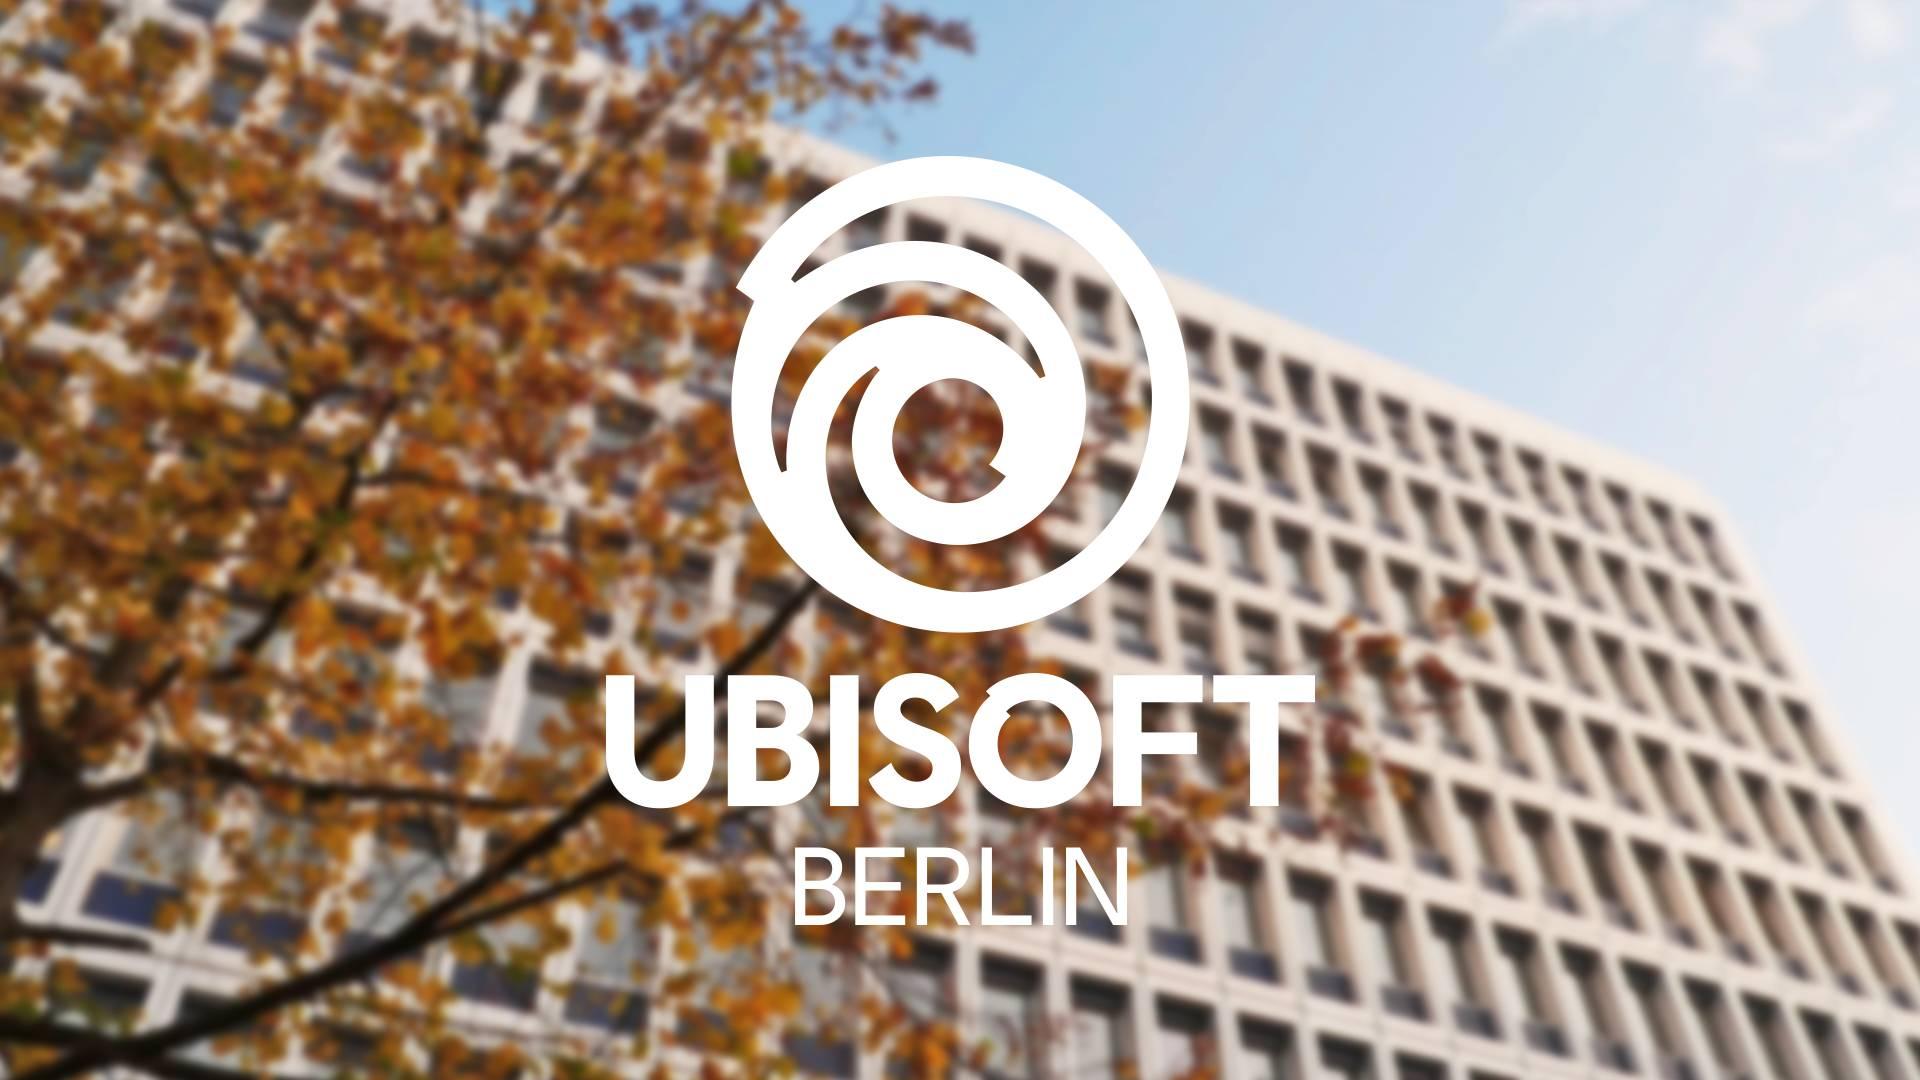 Ubisoft_Berlin_1510850603